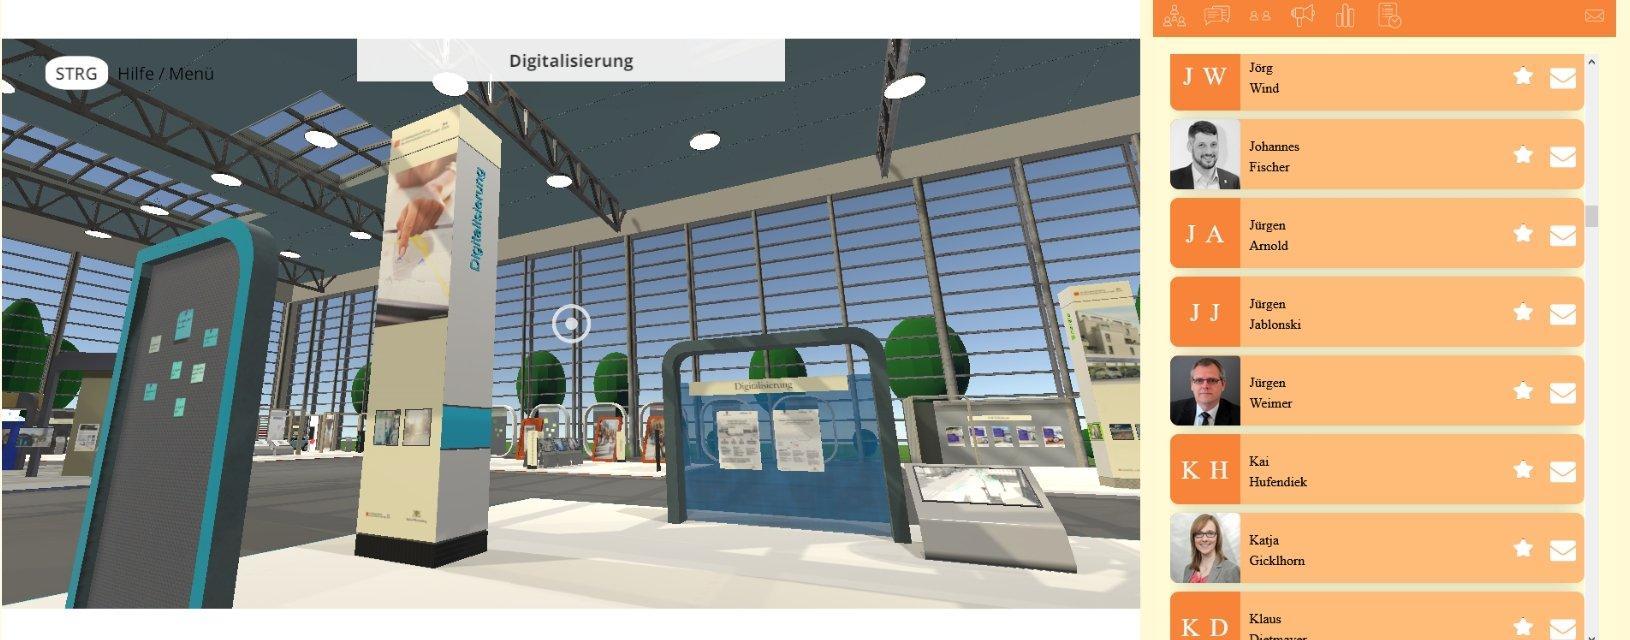 Event Agentur - Aufbau der virtuellen Messen